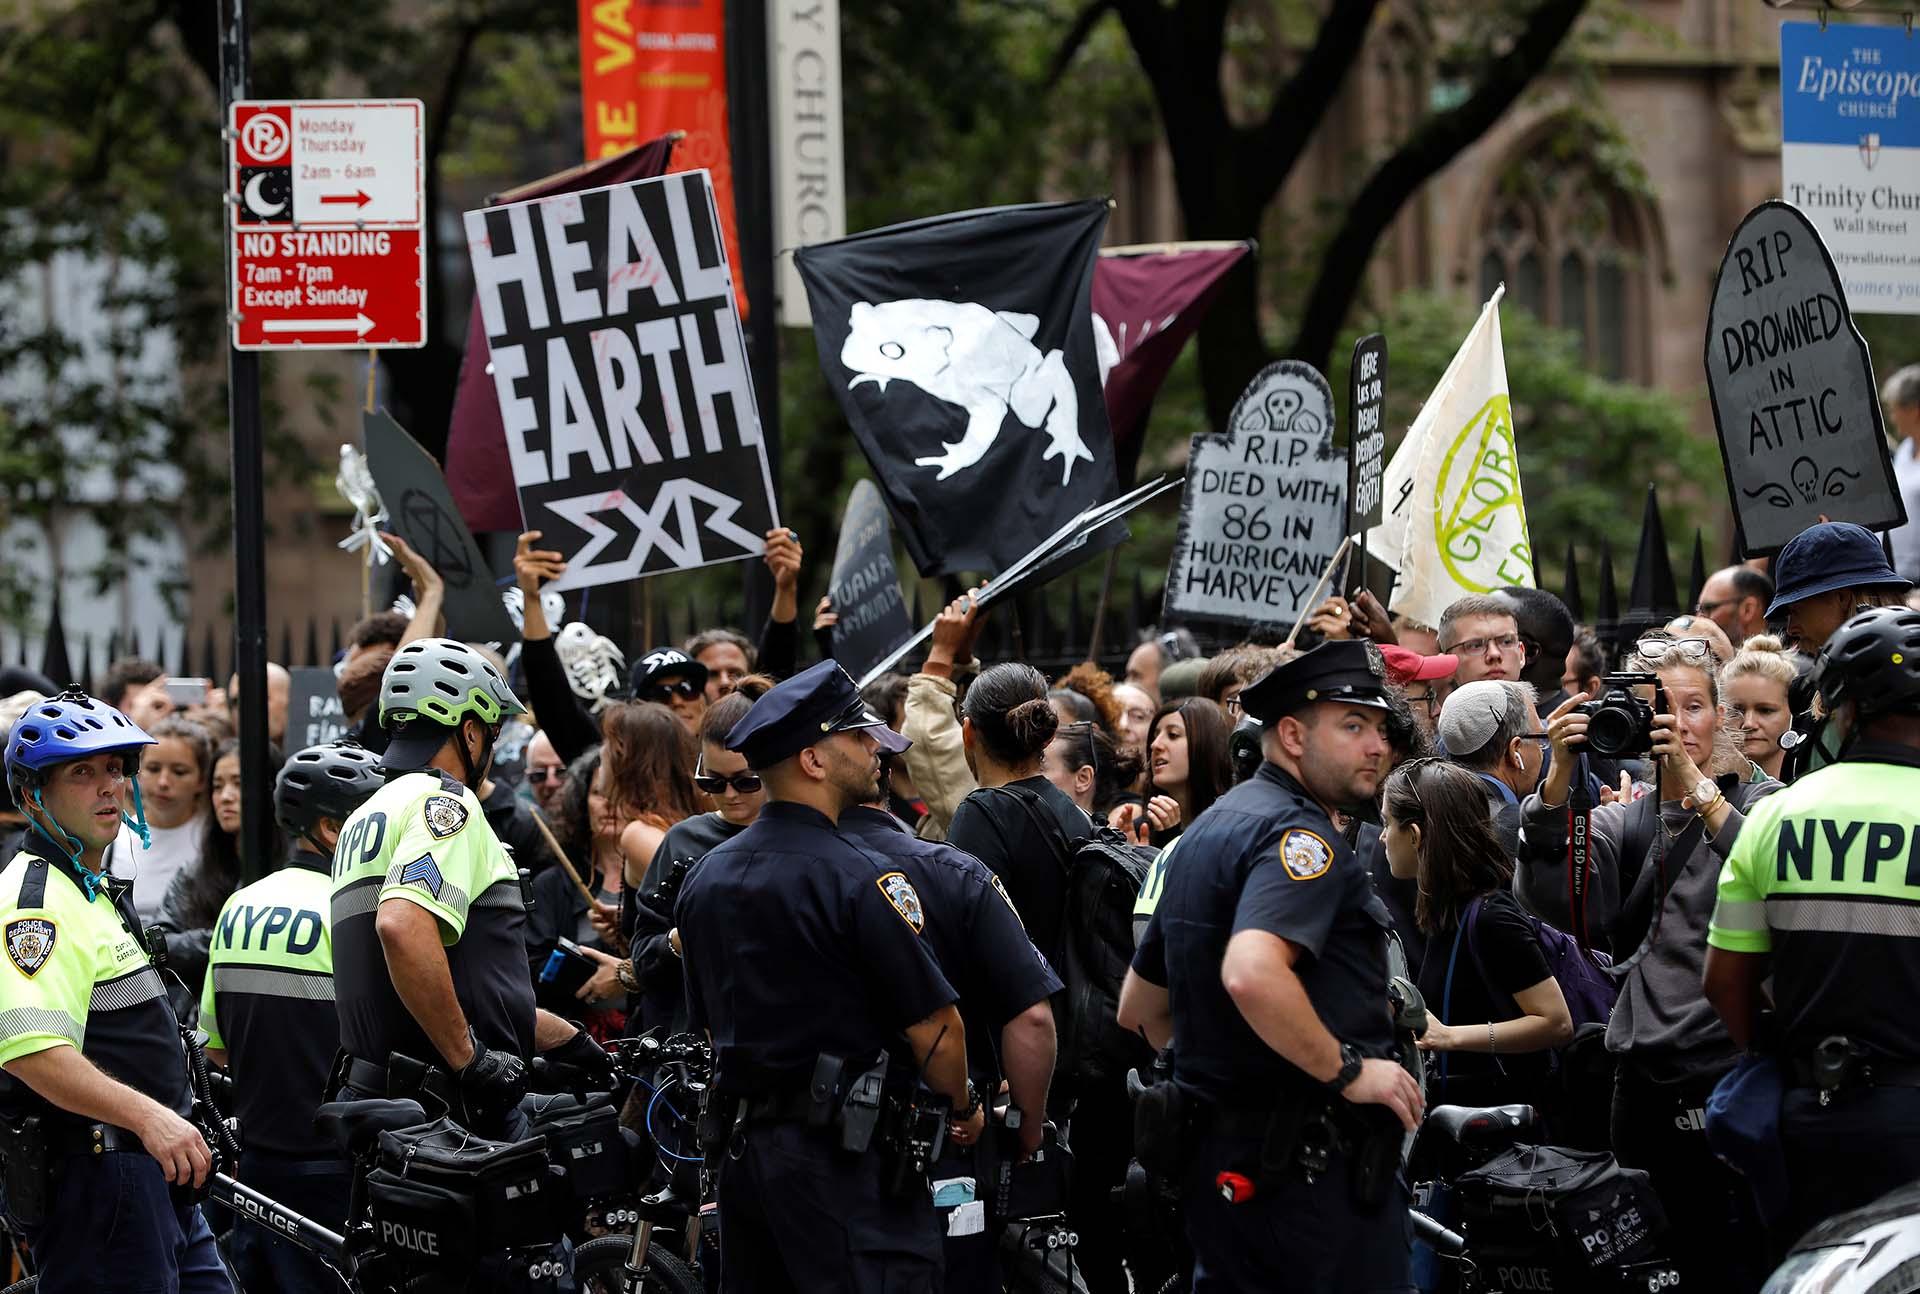 Activistas climáticos se manifiestan durante las protestas de la Rebelión de la Extinción en el bajo Manhattan en la ciudad de Nueva York, Nueva York, EE. UU., El 7 de octubre de 2019. REUTERS / Mike Segar